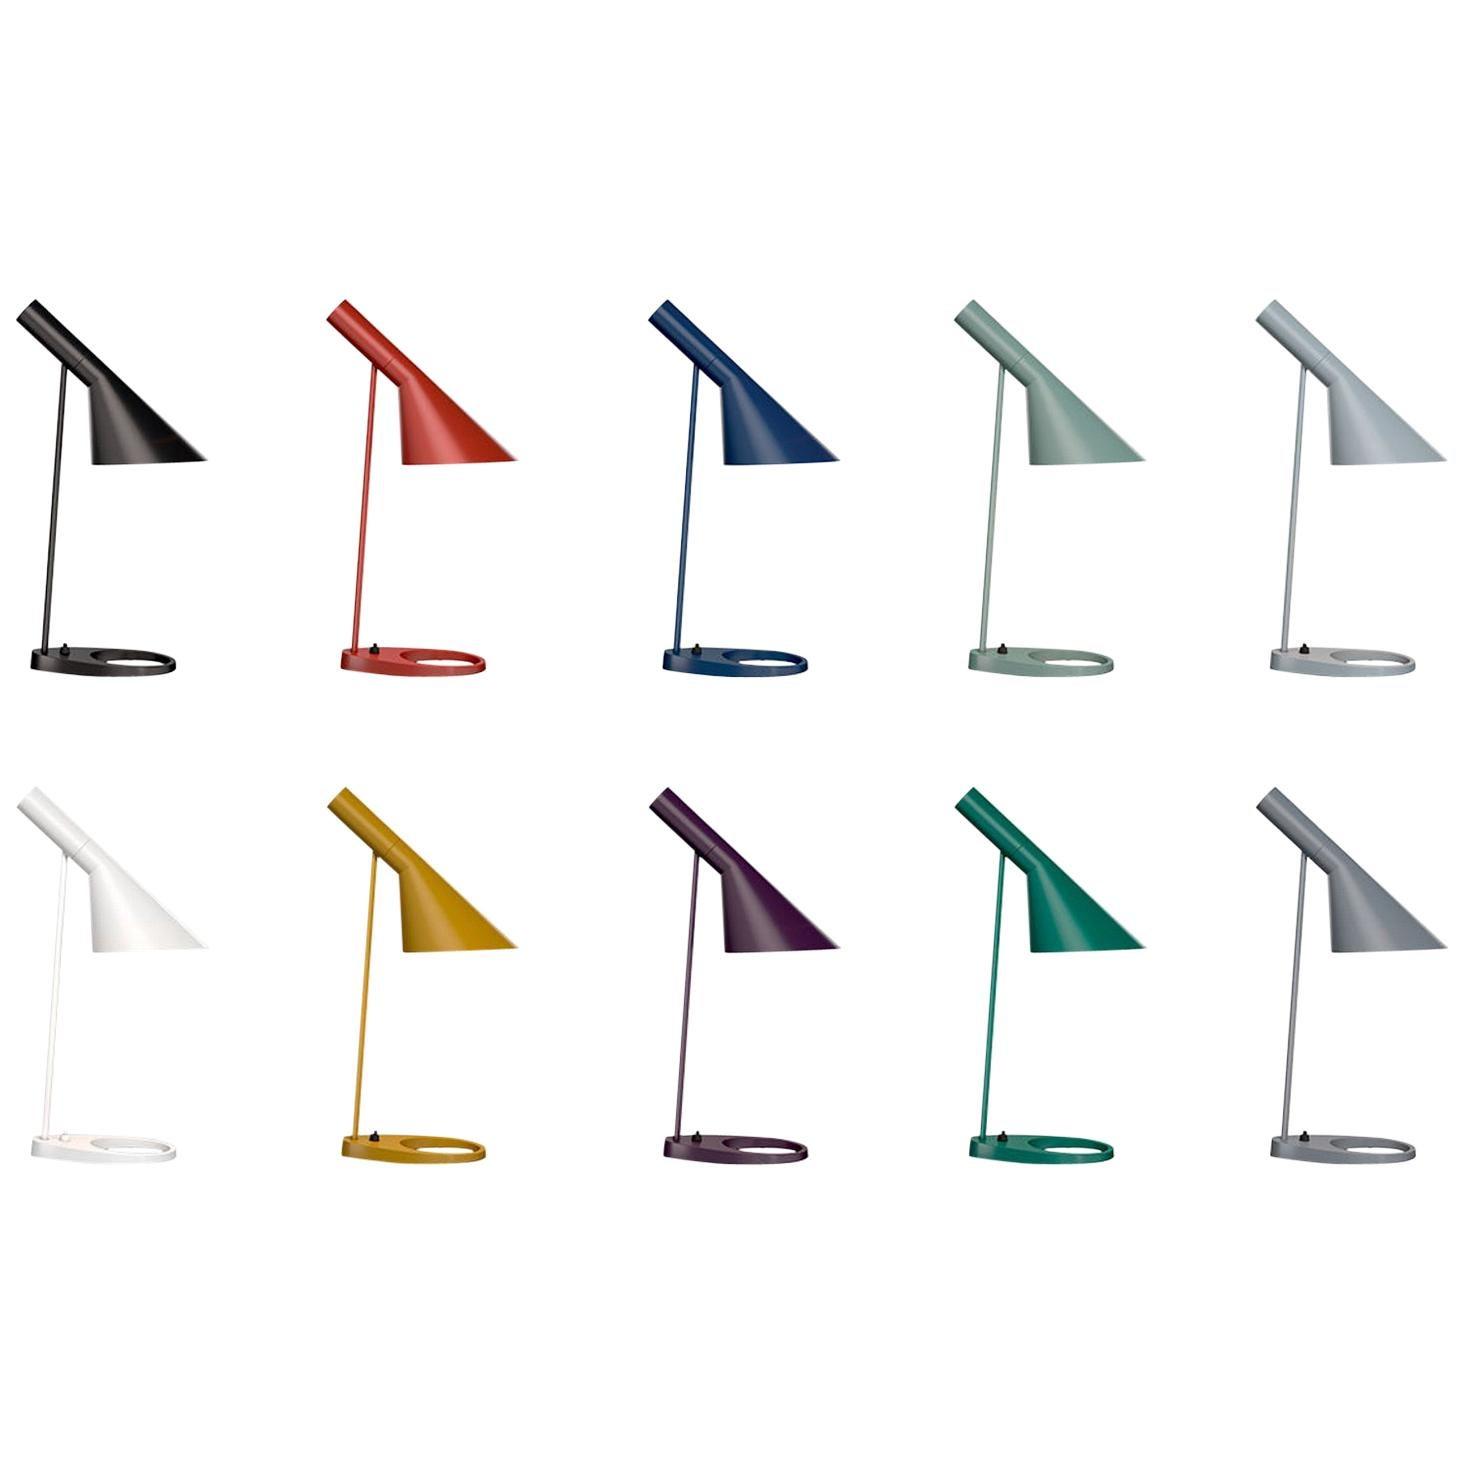 Louis Poulsen, AJ Color Table Lamp by Arne Jacobsen